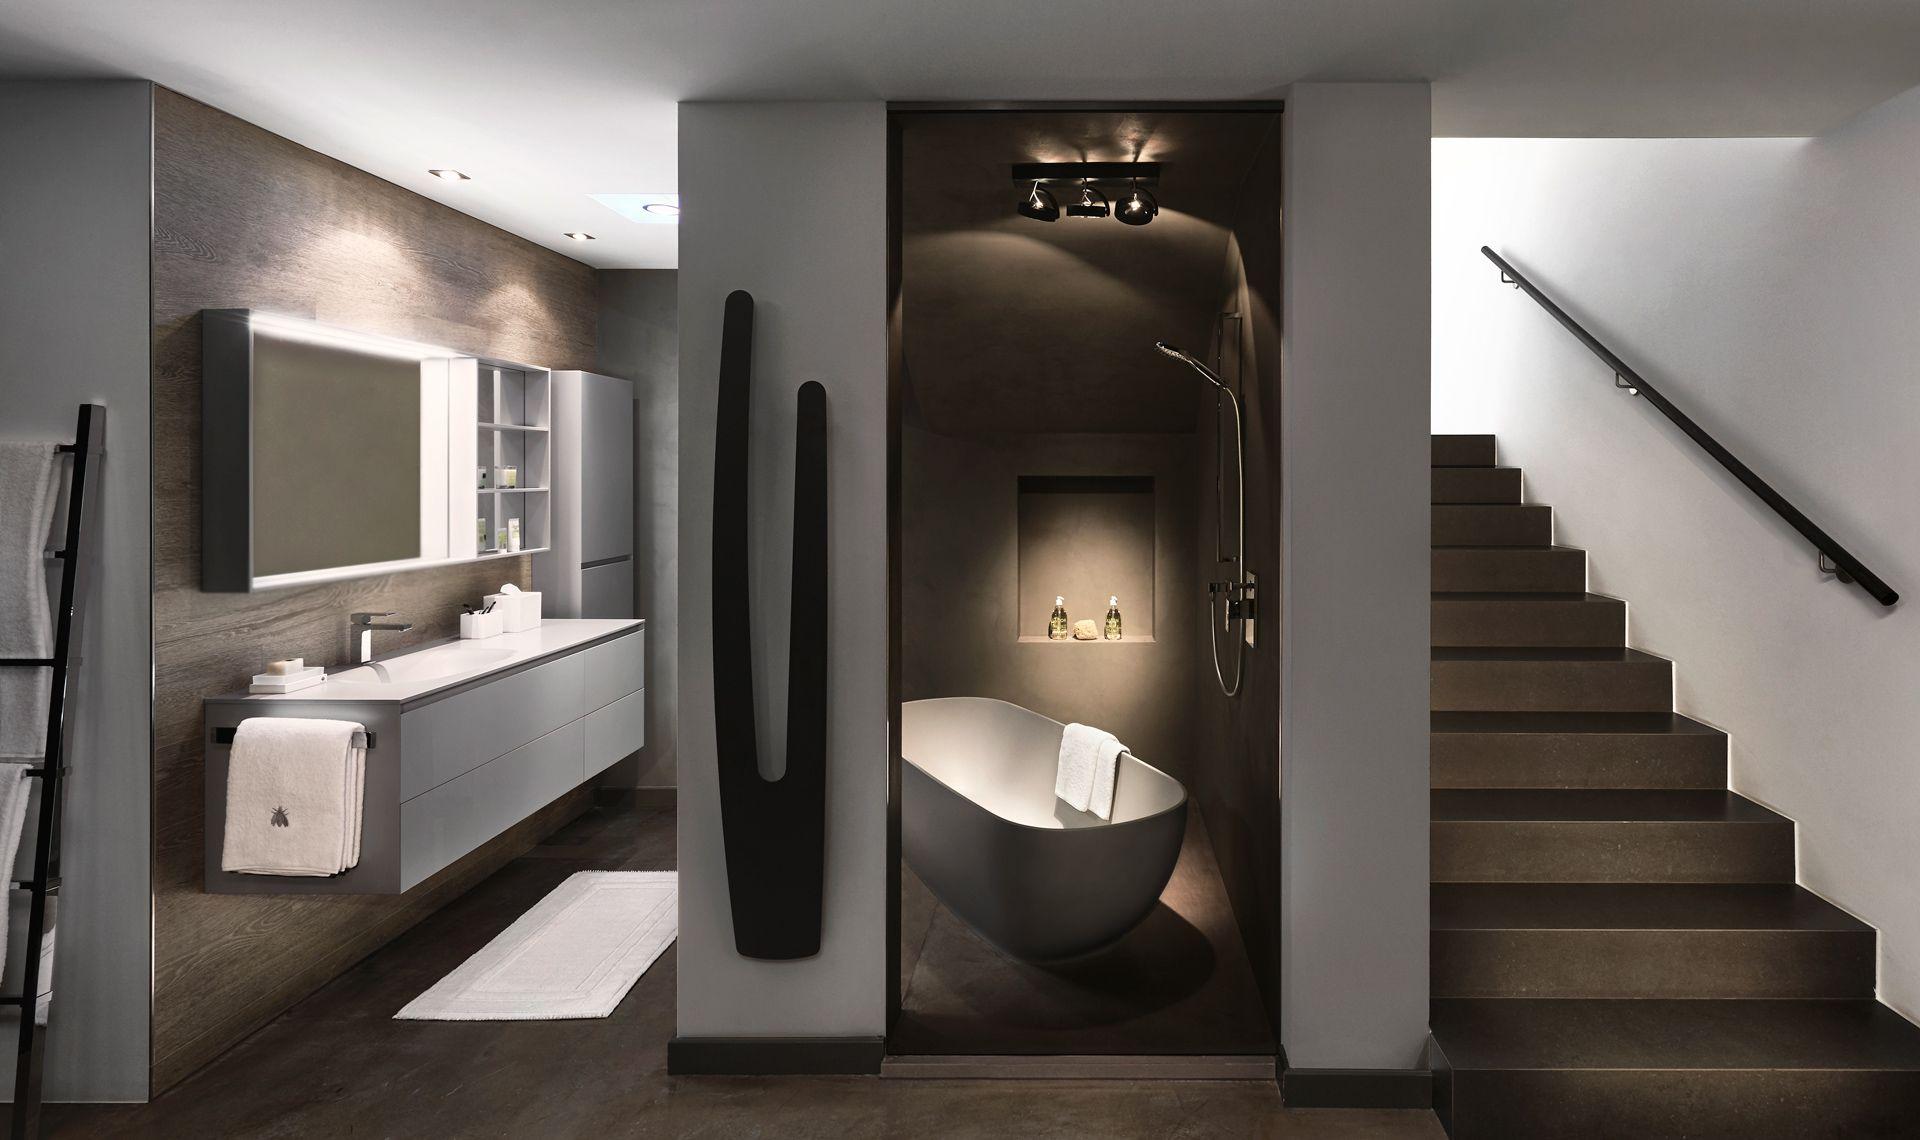 Ein grau gehaltenes badezimmer mit badezimmerschrank inkl gehrungsschnitt an den schrankt ren - Badezimmerschrank grau ...